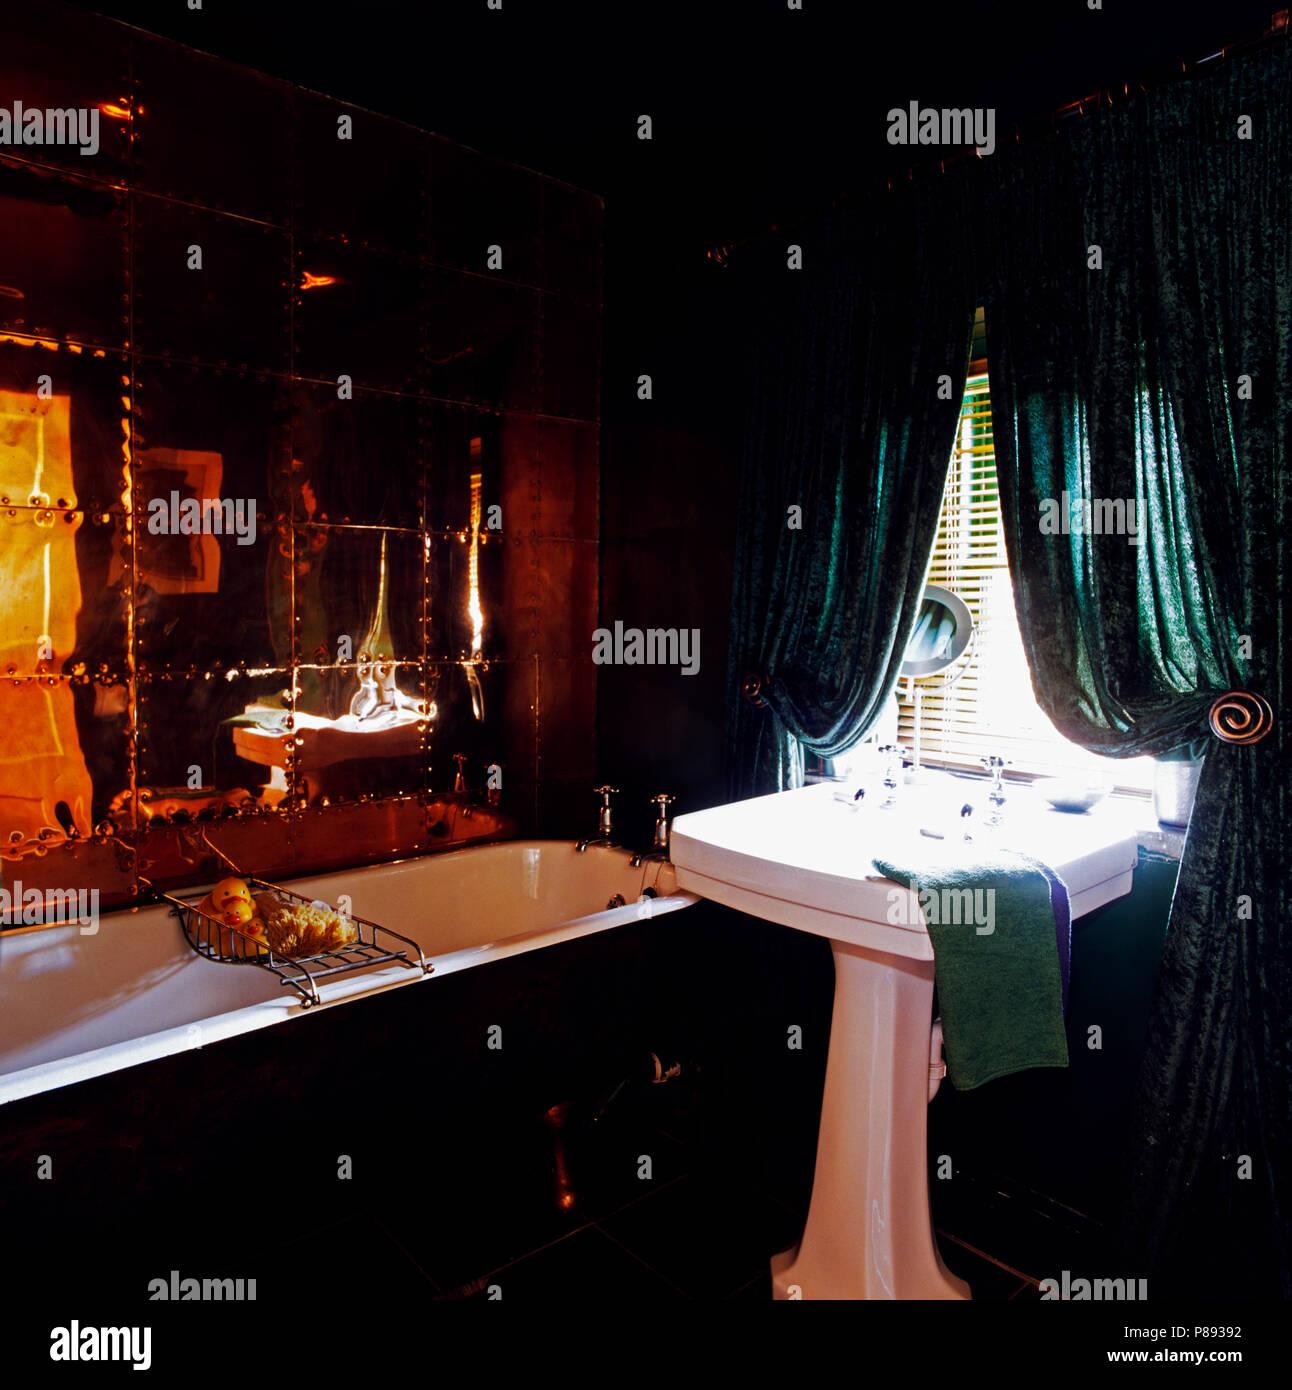 Miroir Mural Au Dessus De Baignoire Dans Salle De Bains Noir Avec Des  Rideaux Vert Foncé Au Dessus Du Bassin Blanc